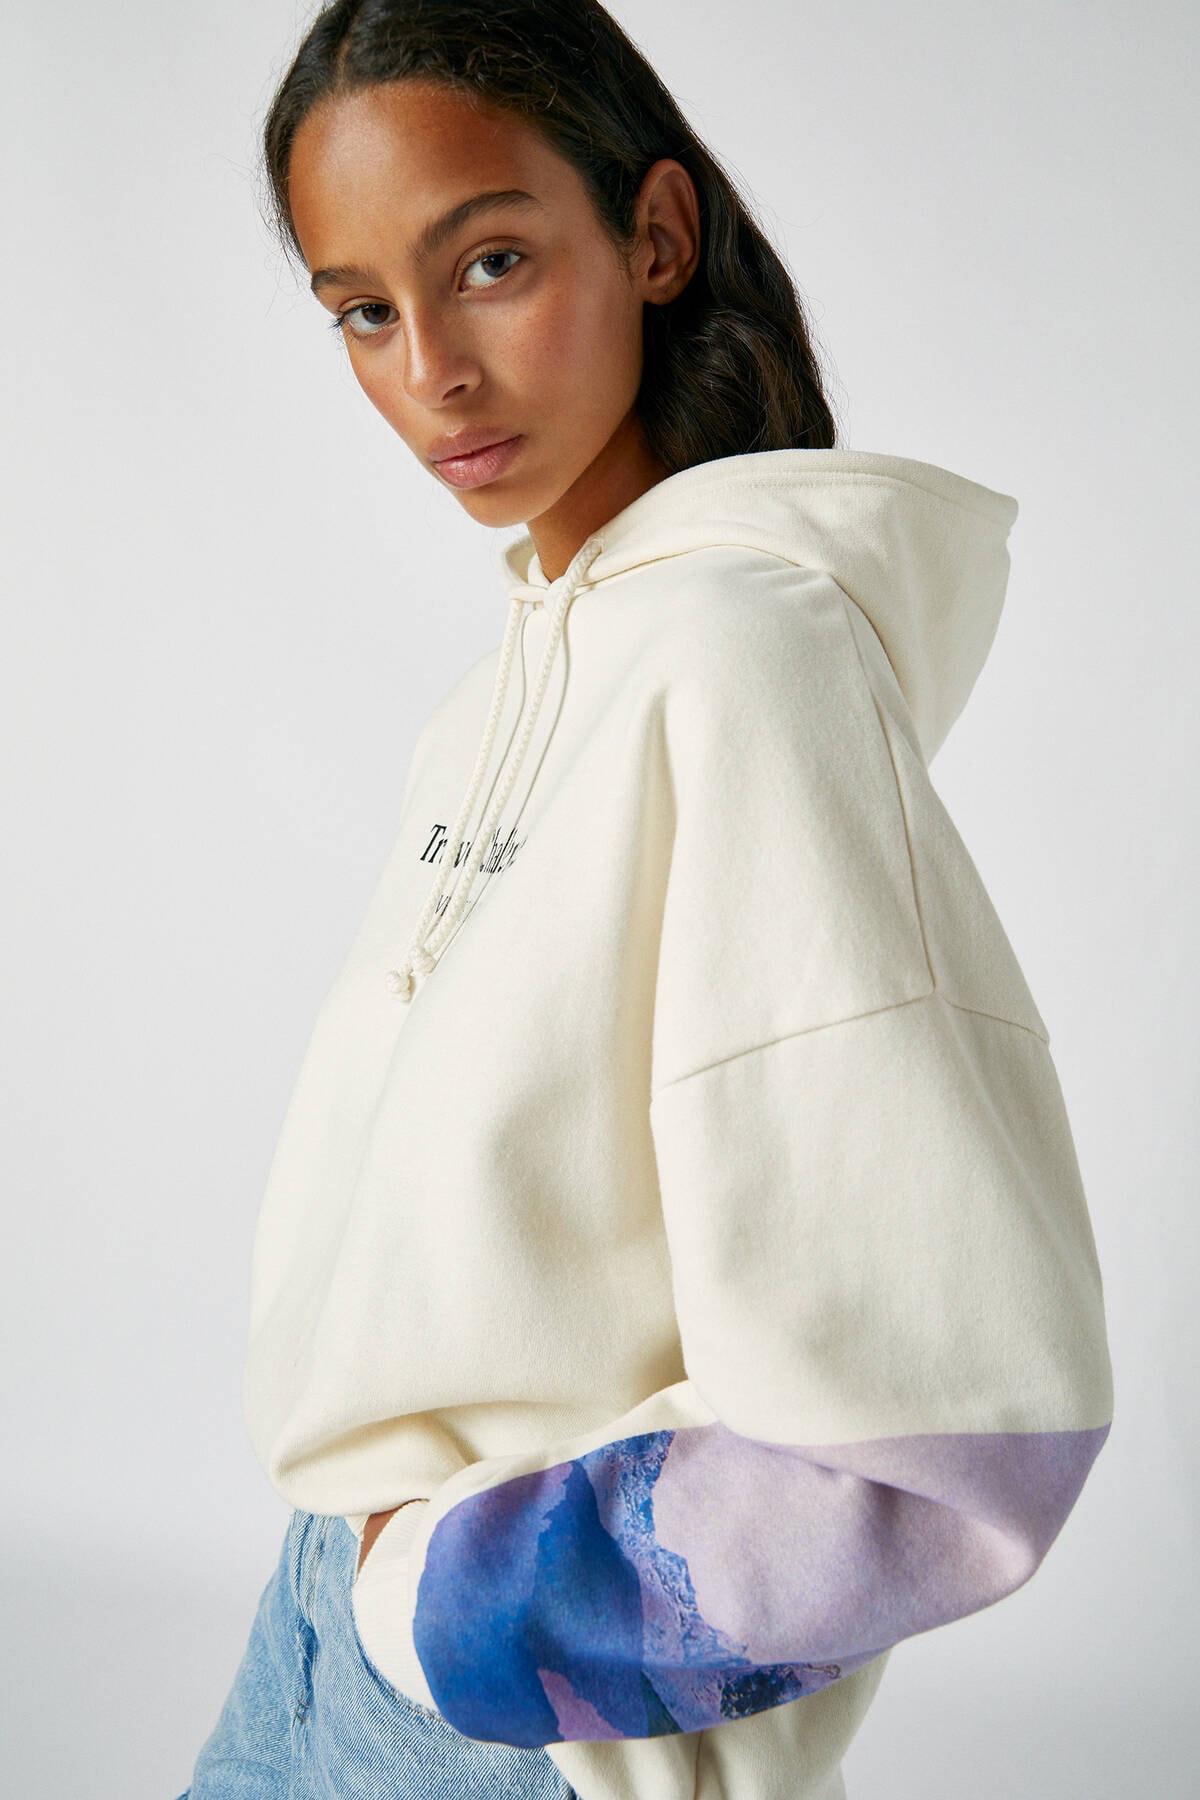 Pull & Bear Kadın Buz Rengi Kolu Fotoğraf Görselli Beyaz Sweatshirt 09594325 3